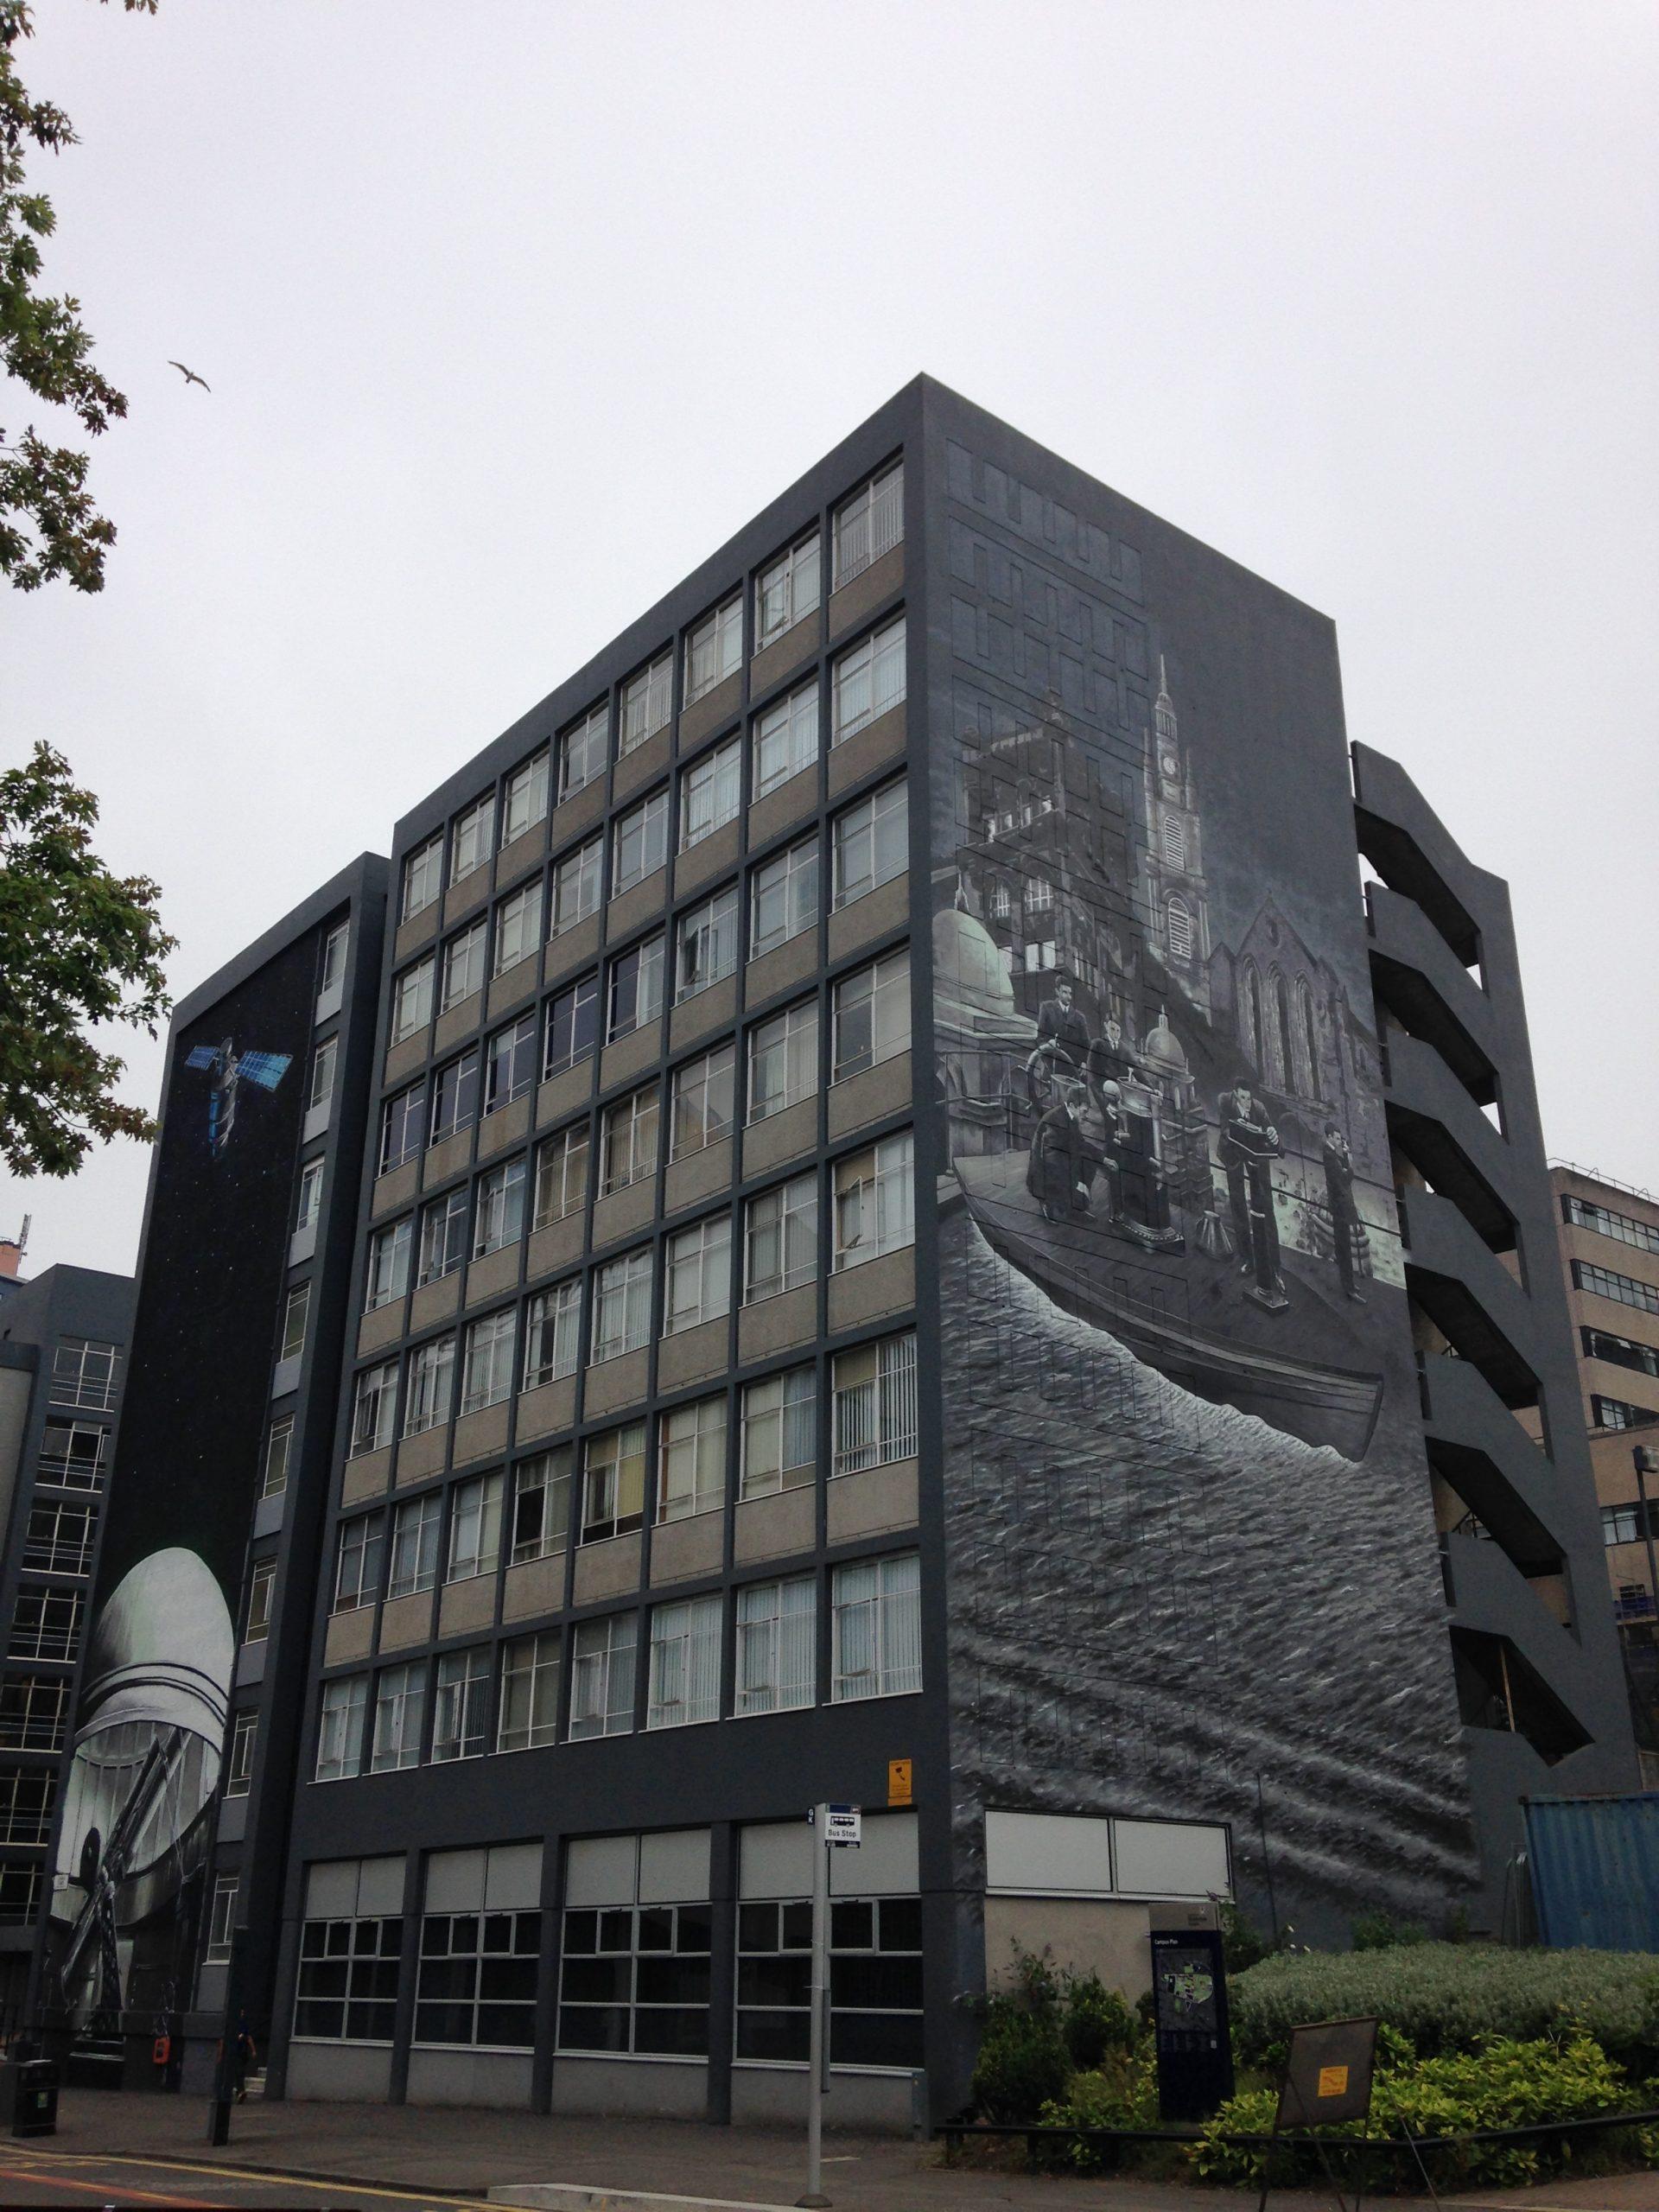 Strathclyde University murals Glasgow